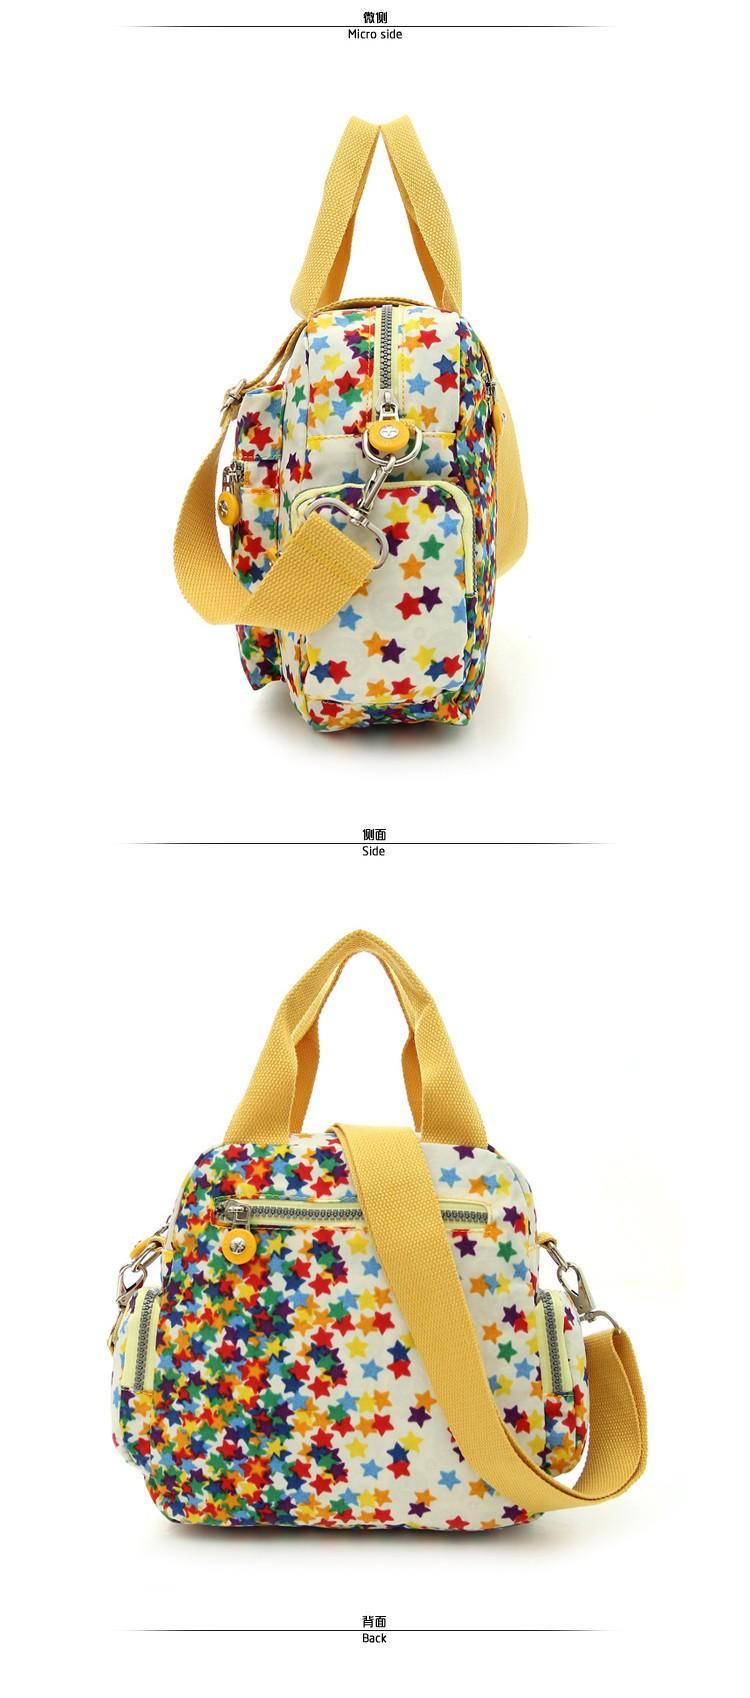 Women Summer Handbag Kip Brand Tote Bags For Ladies Fashion Messenger